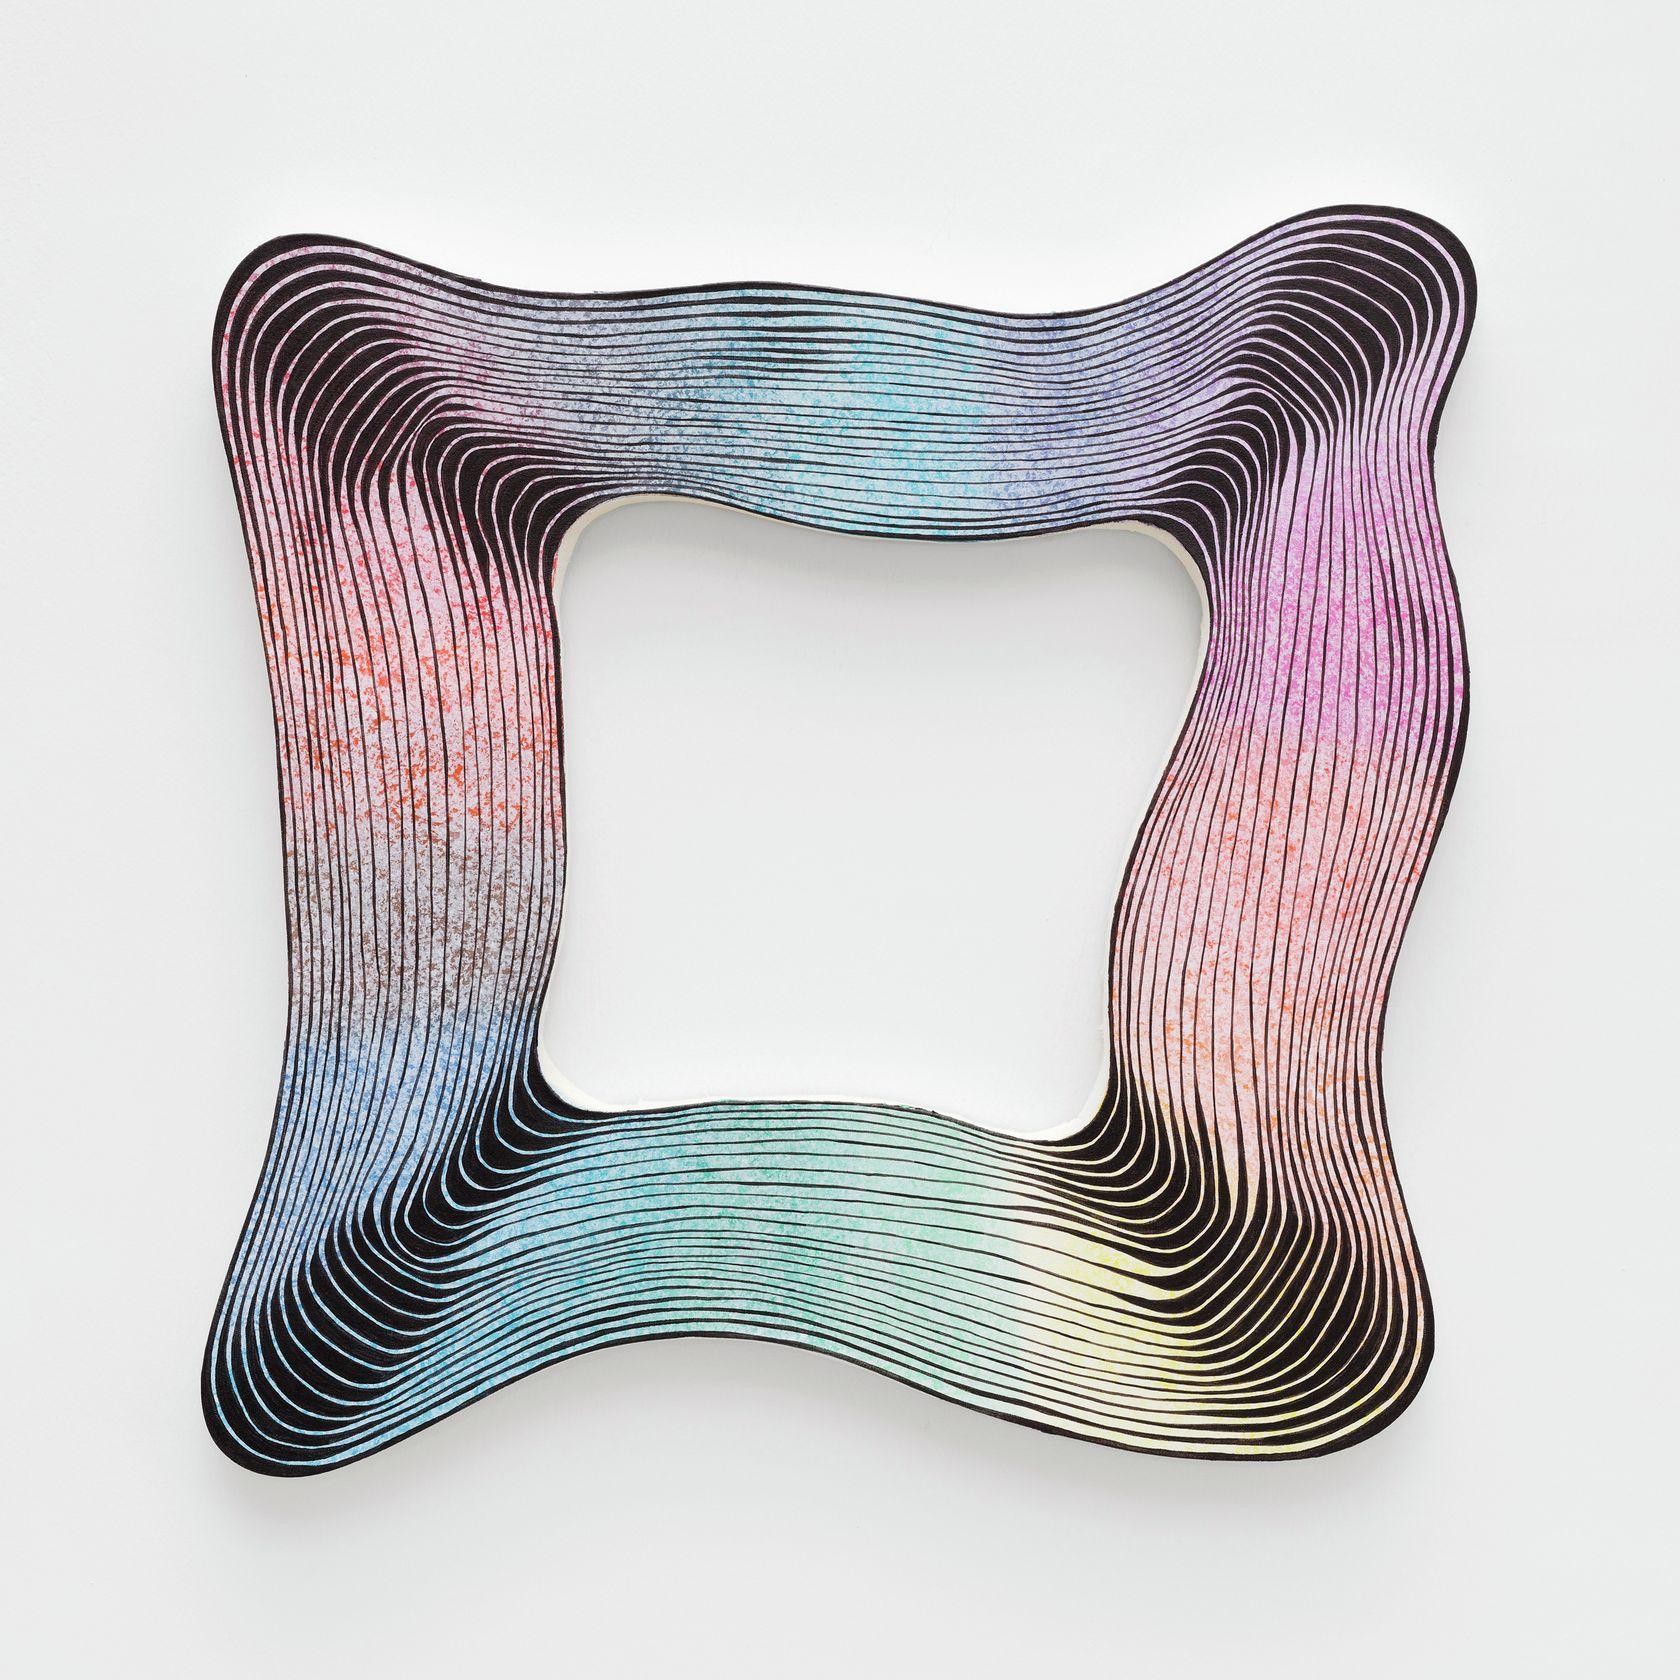 Guillaume Pilet, Positive Reappraisal, 2020 Acrylique sur toile55 × 55 cm / 21 5/8 × 21 5/8 in.